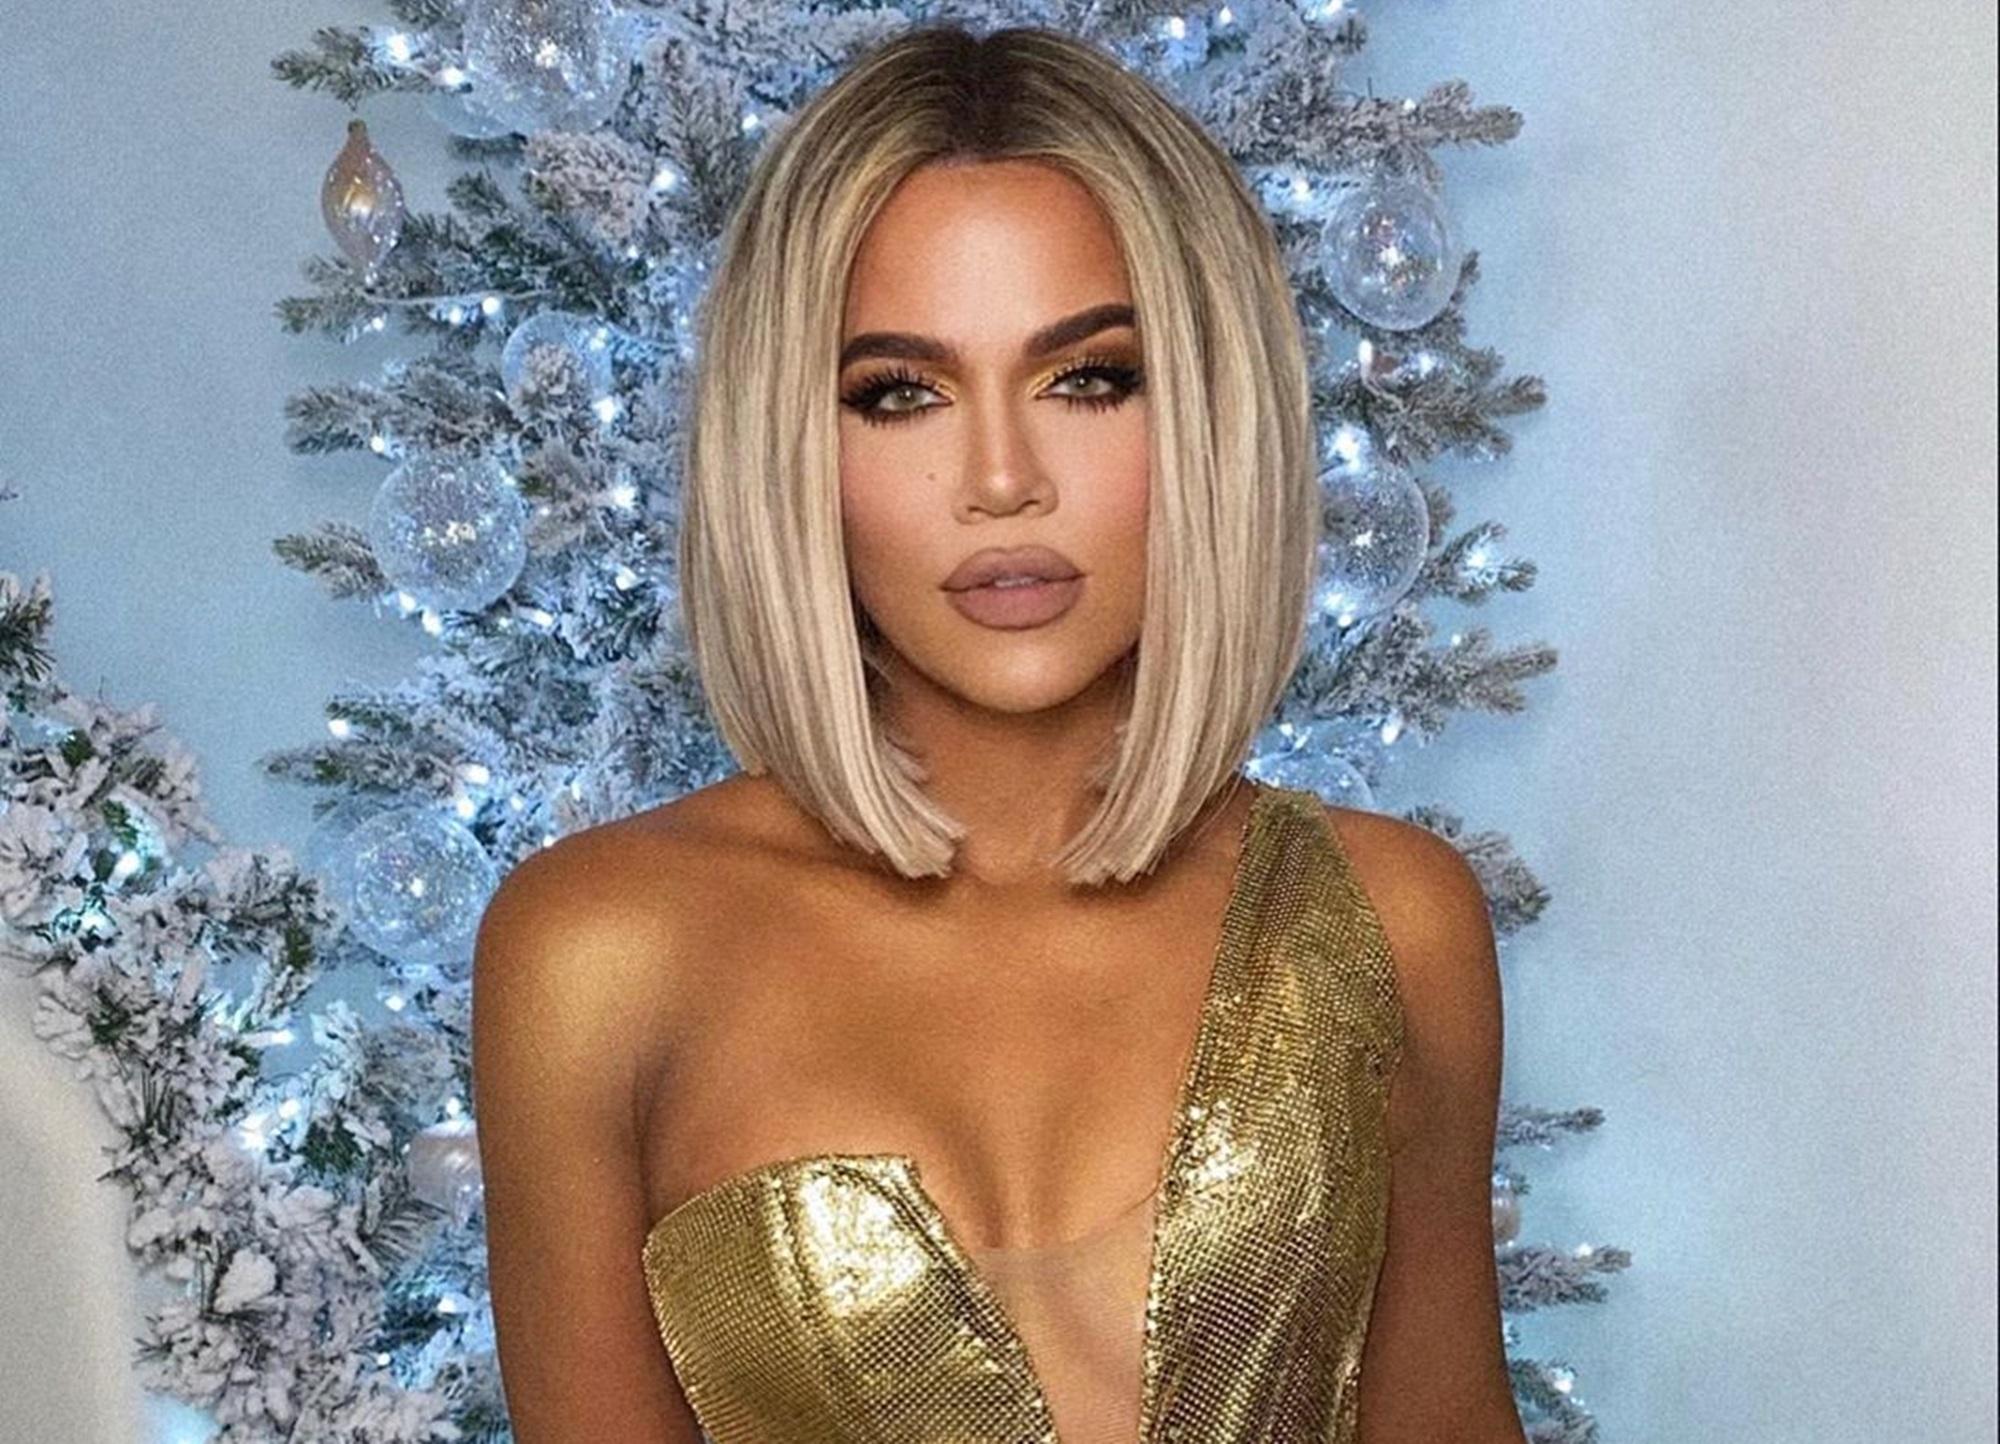 Khloe Kardashian Tristan Thompson Christmas